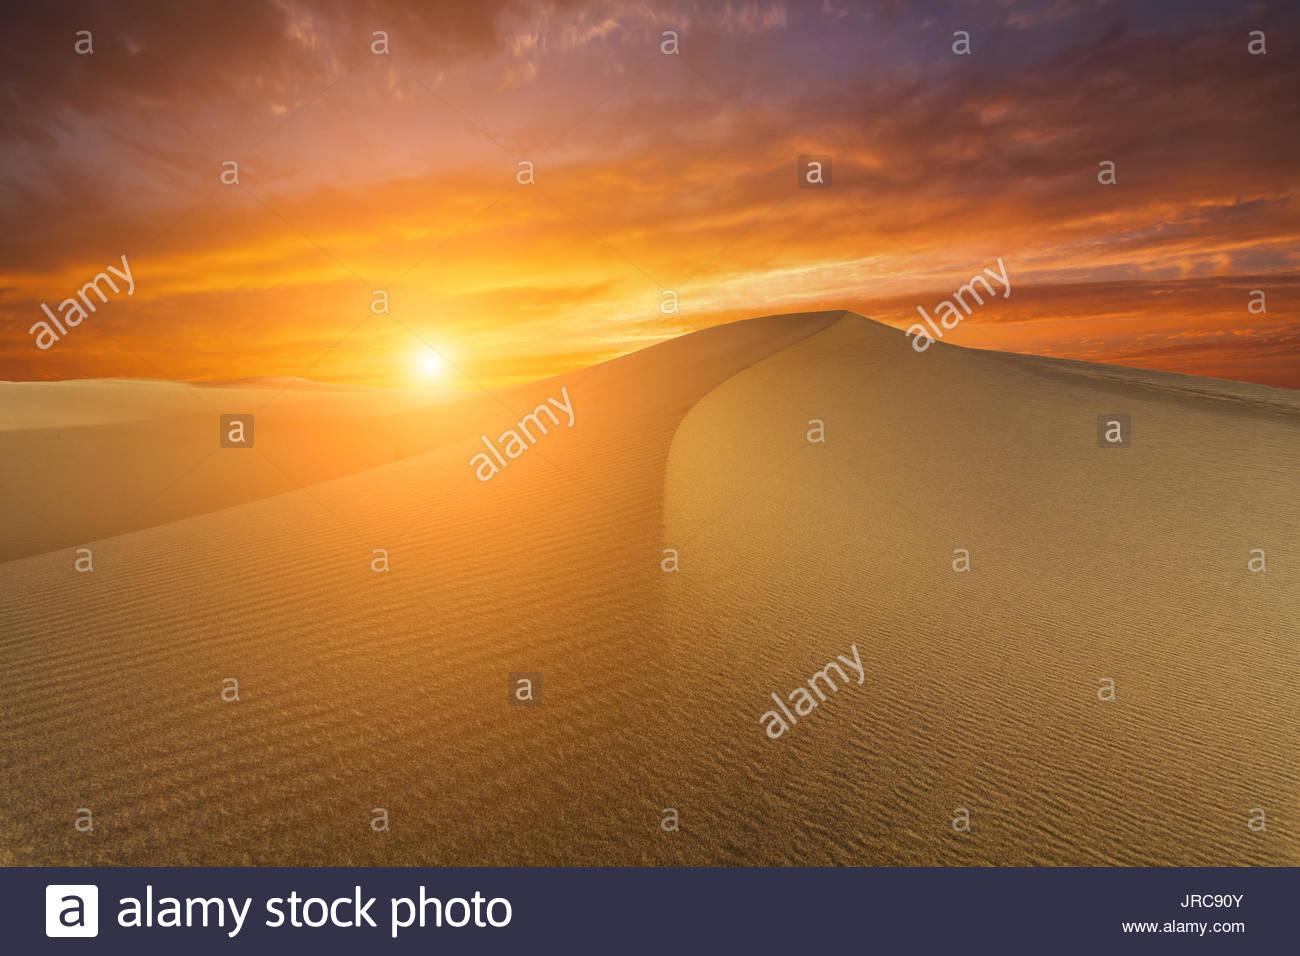 Beau paysage désertique sur l'arrière-plan d'un coucher du soleil. Photo Stock